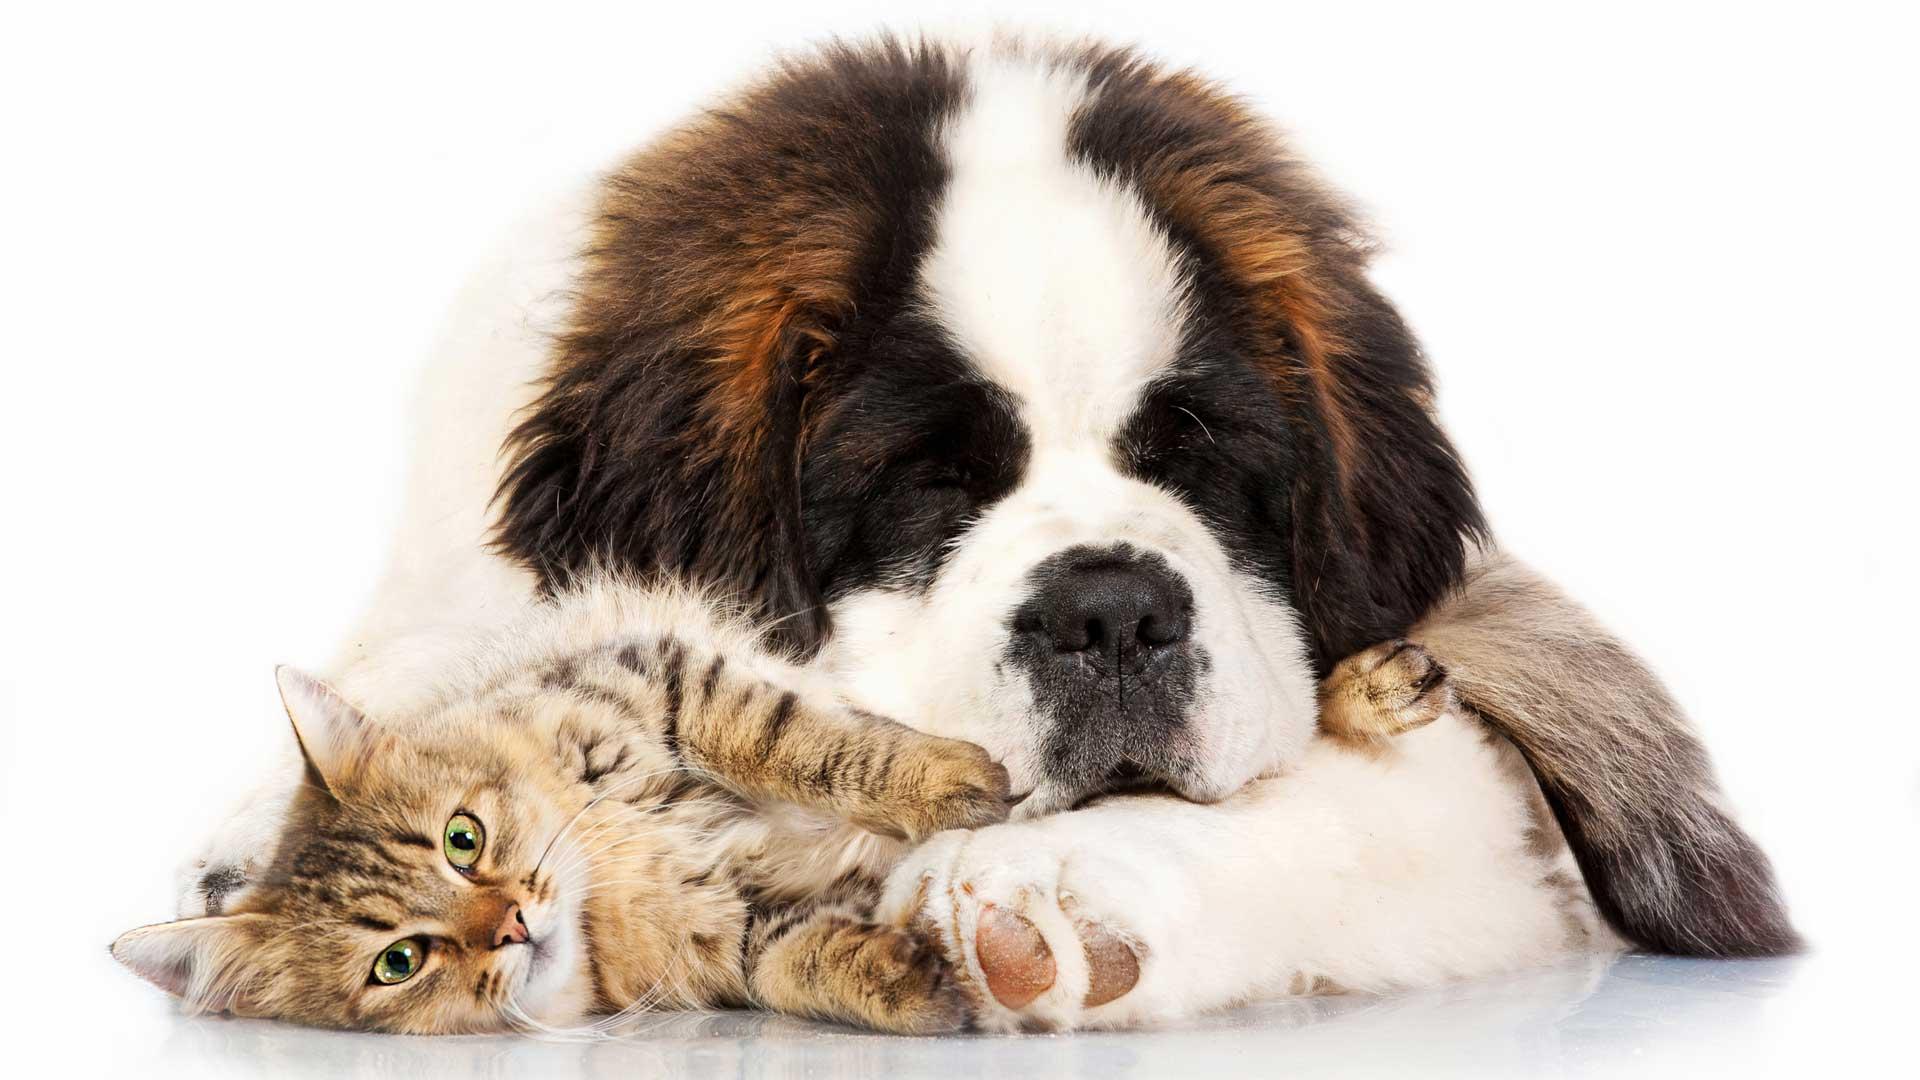 immagine rappresentativa del reparto Pet del brico ok corigliano